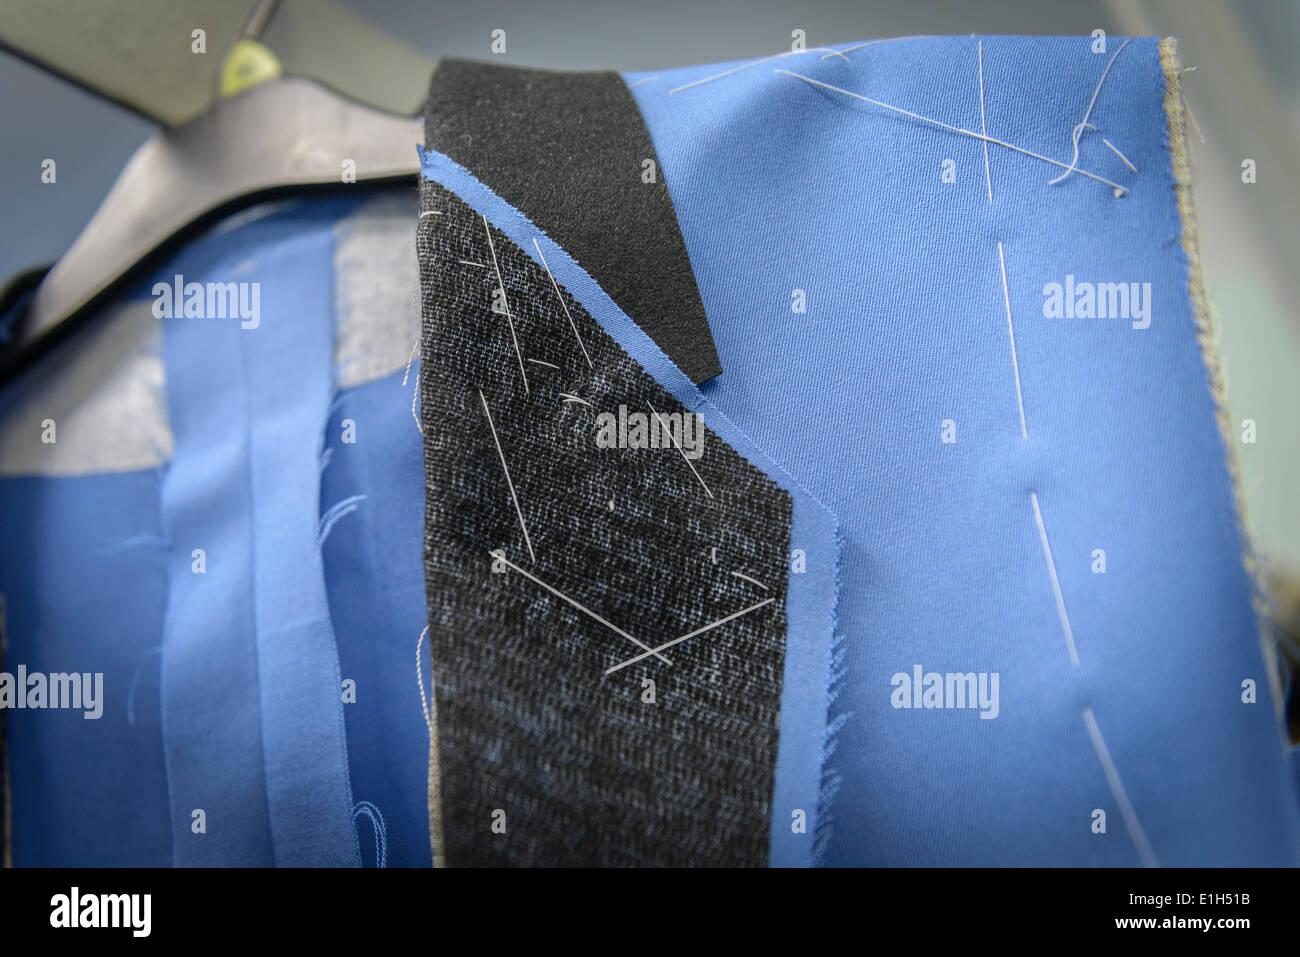 Détail de matériel dans l'usine de vêtements, Close up Photo Stock